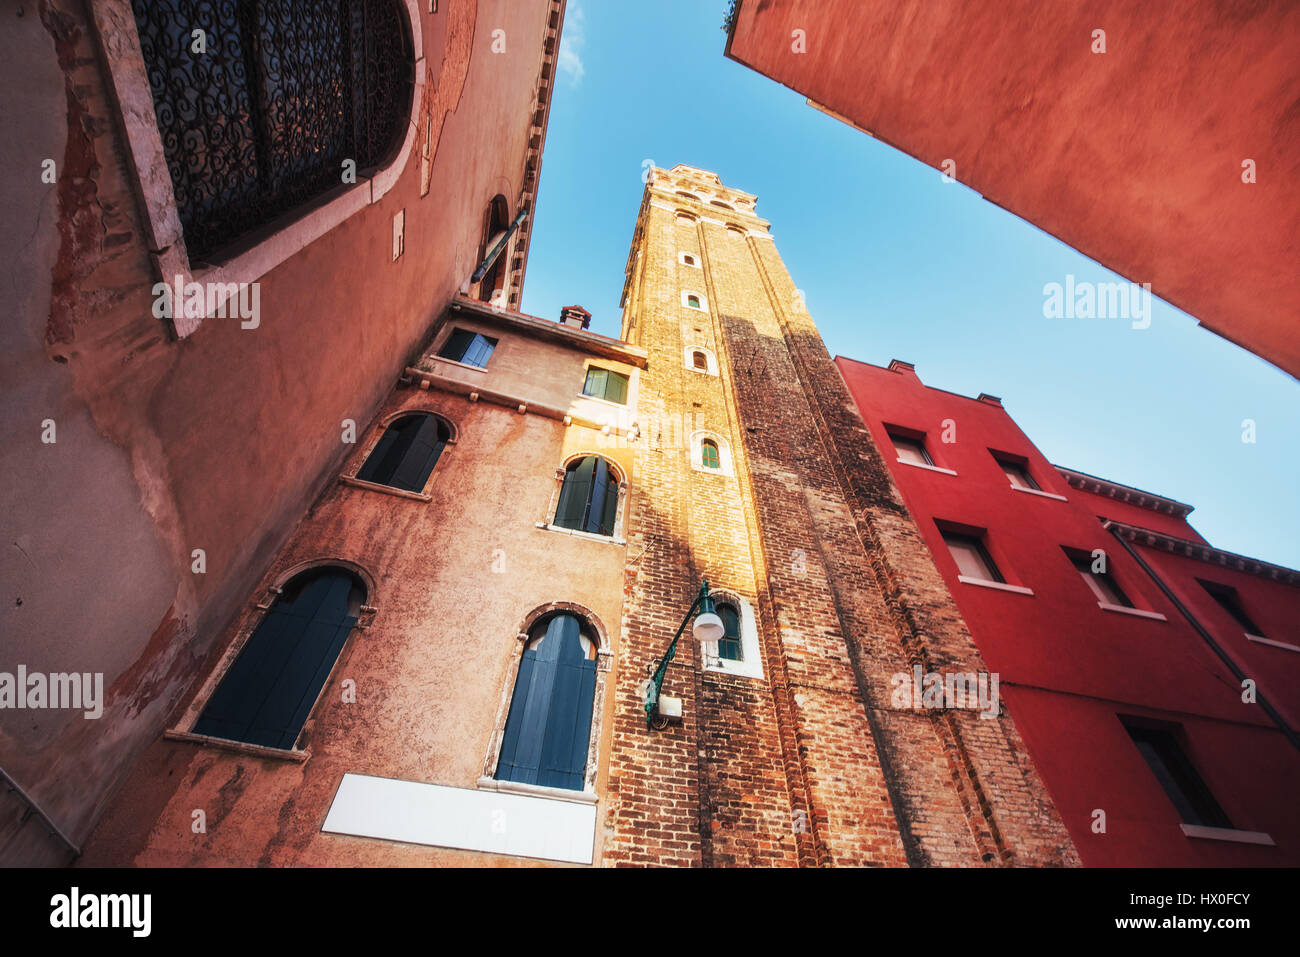 Blick auf typisch venezianischen Kanal und farbenfrohen Gebäuden in Venedig, Italien. Stockbild